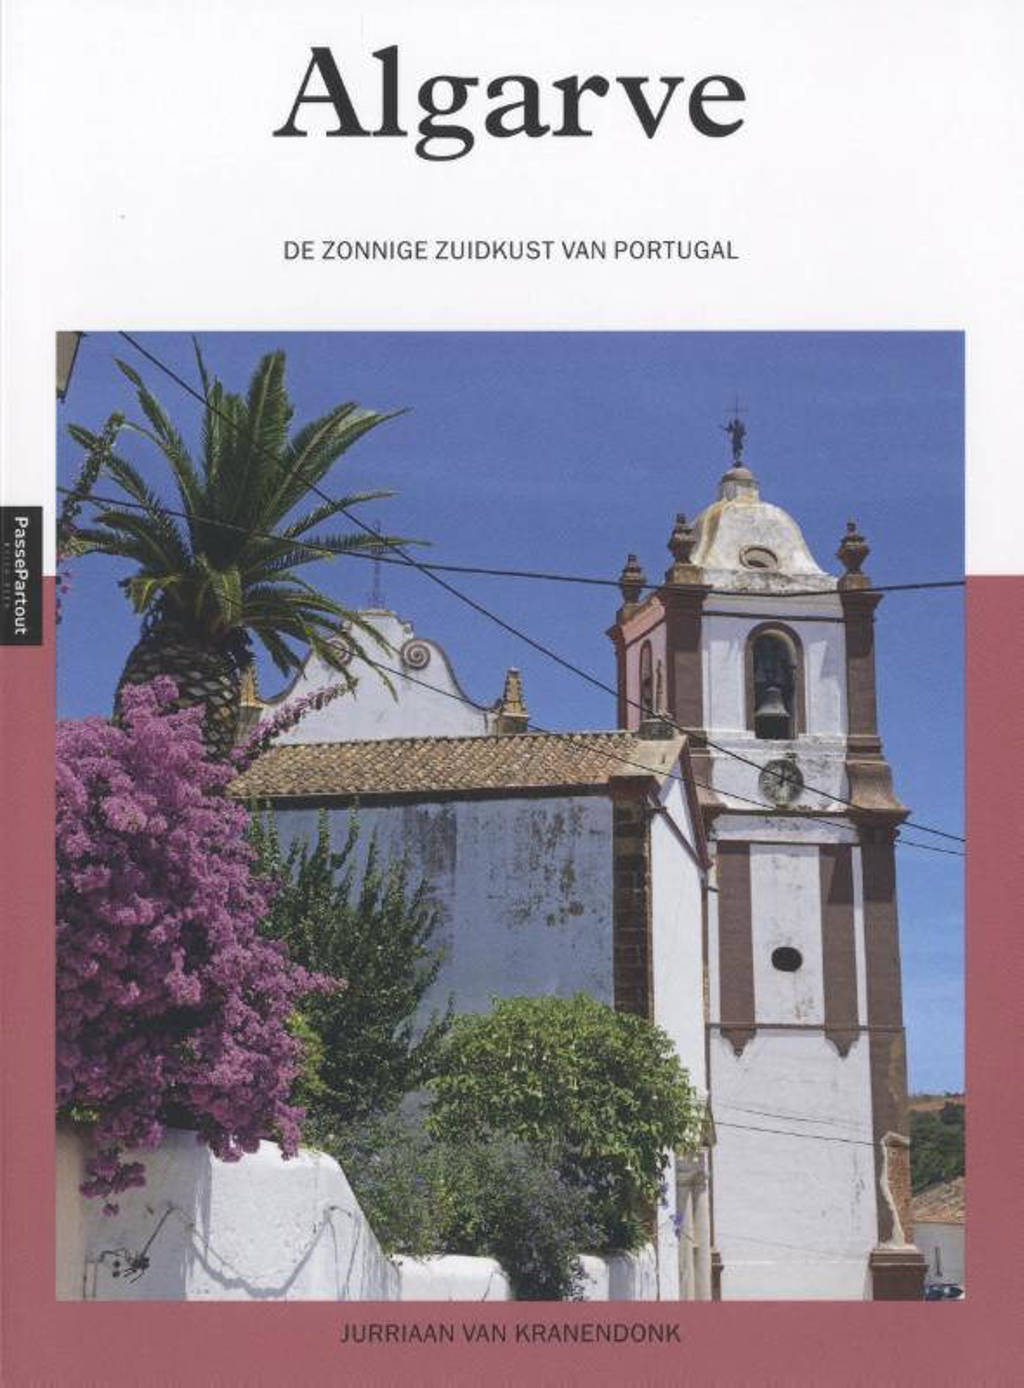 Algarve - Jurriaan van Kranendonk